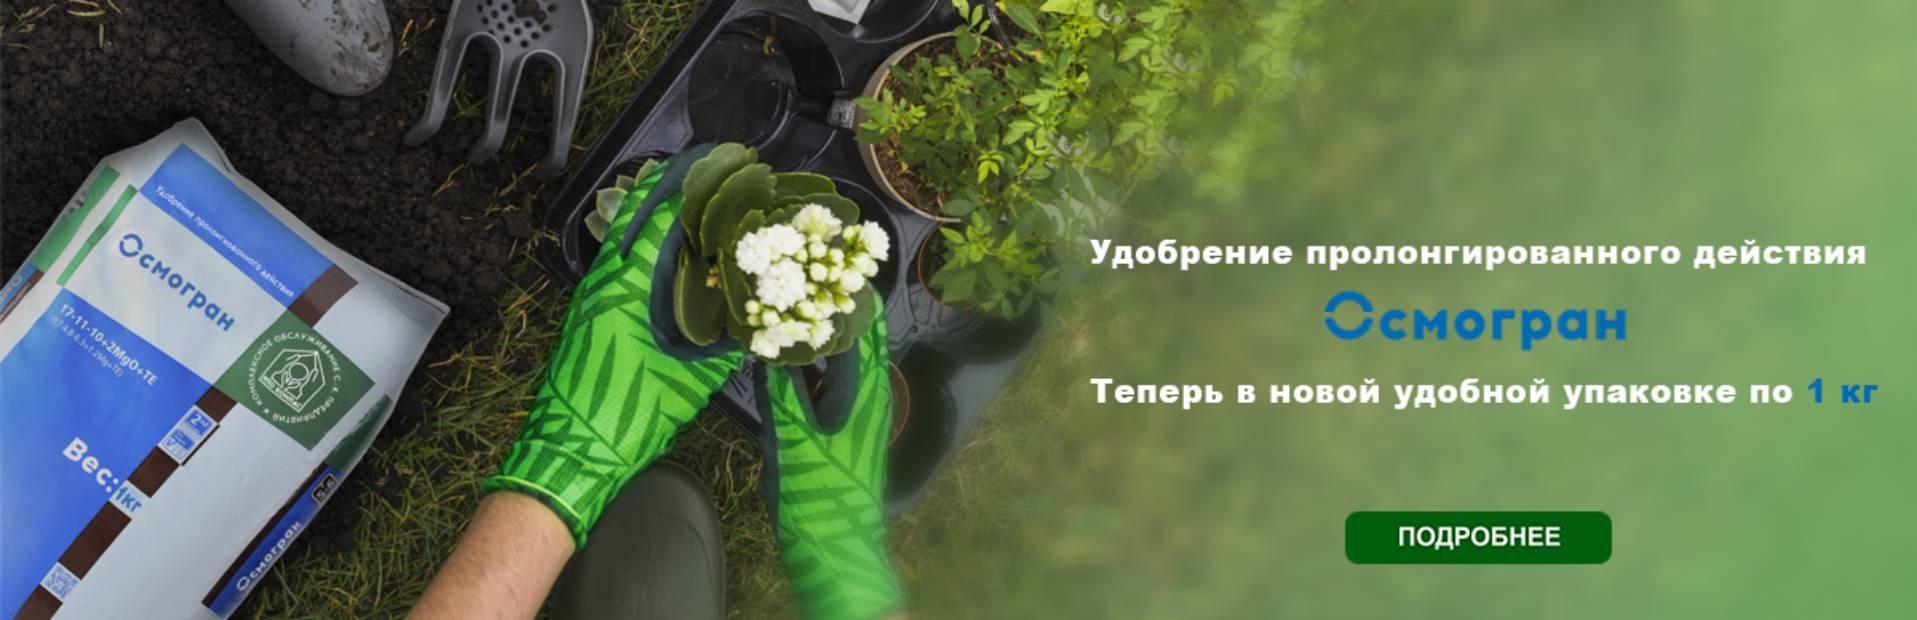 """Баннер """"Осмогран"""""""